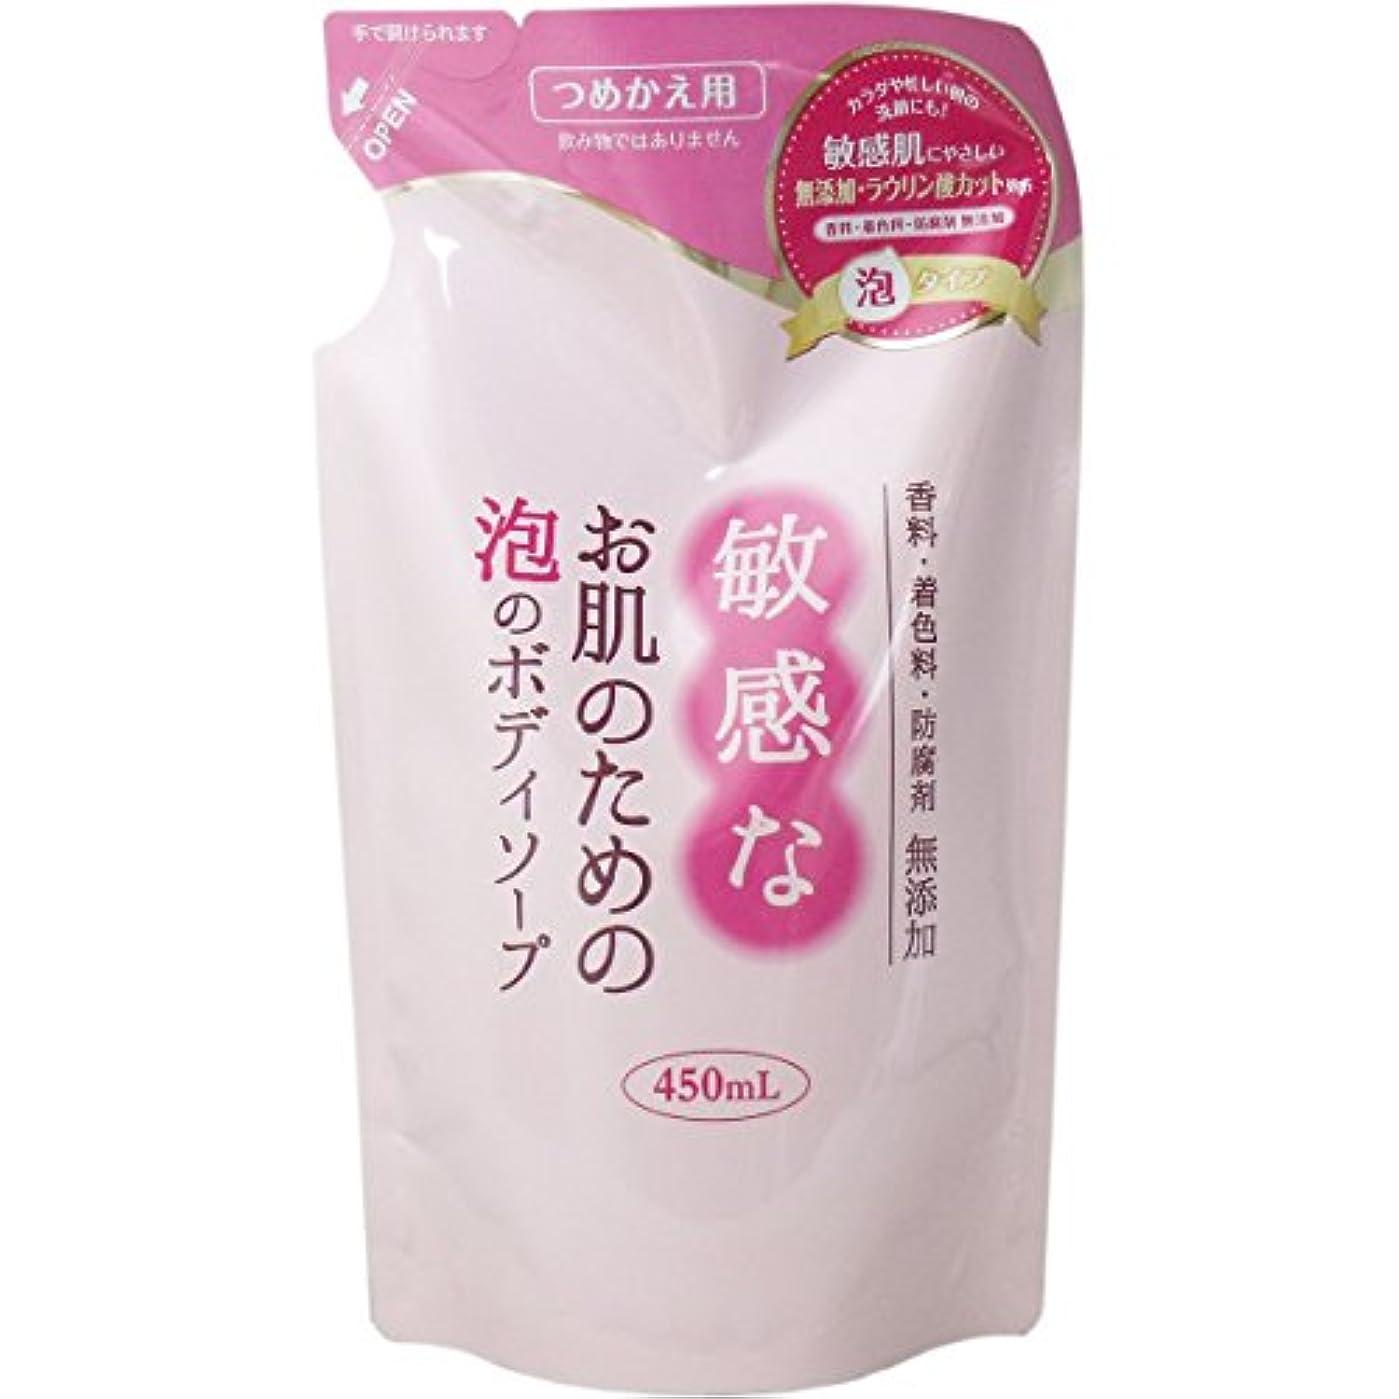 項目素子リットル敏感なお肌のための泡のボディソープ 詰替 450mL CBH-FBR